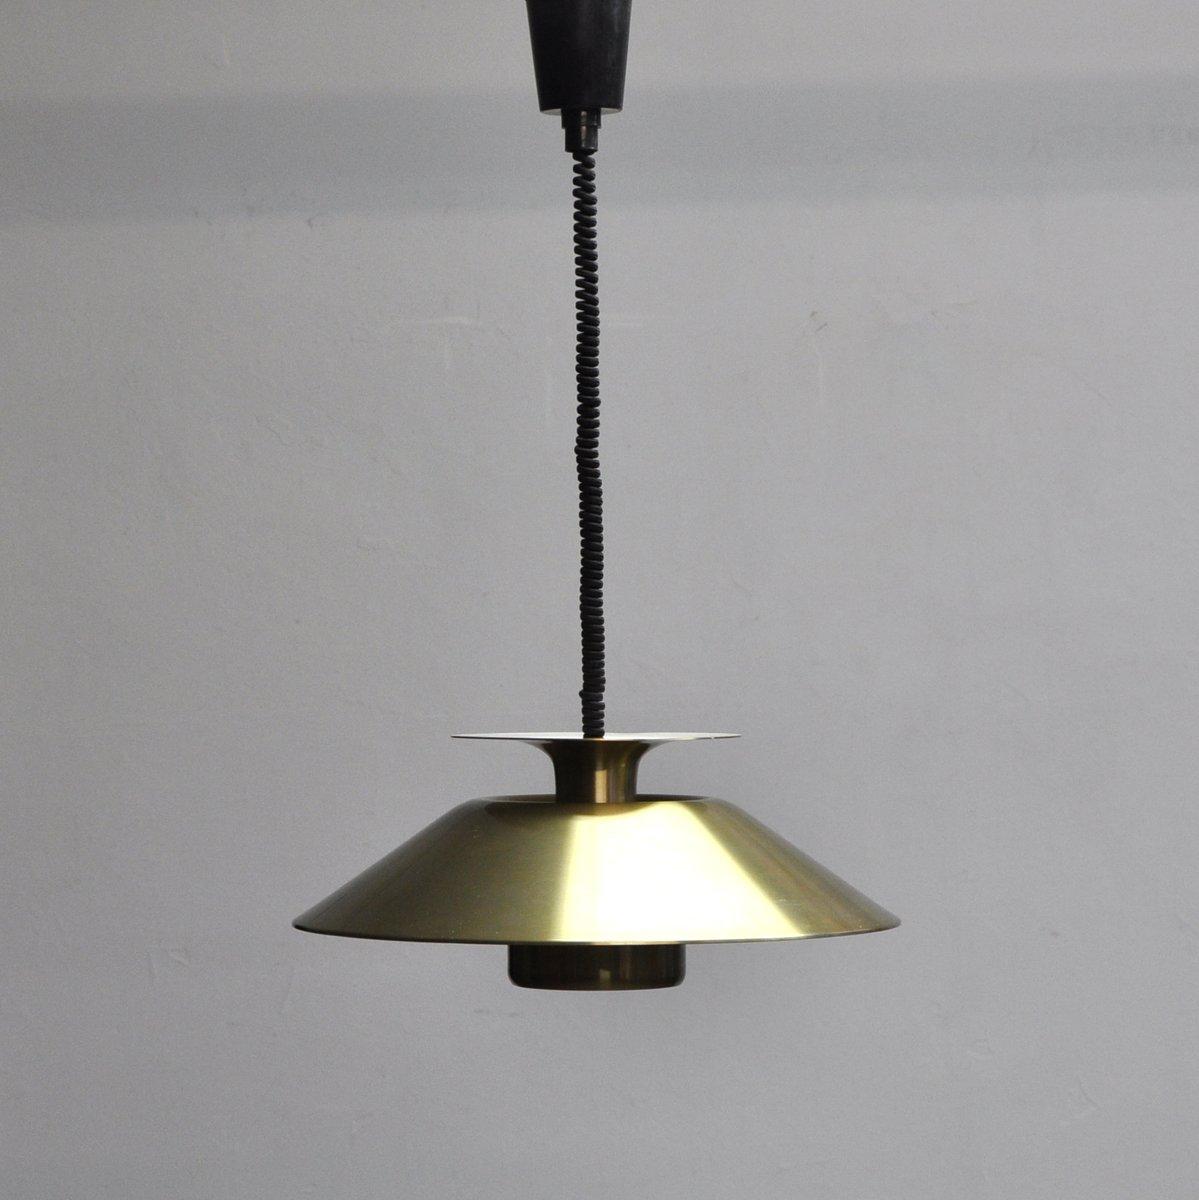 Dänische Vintage Deckenlampe, 1970er